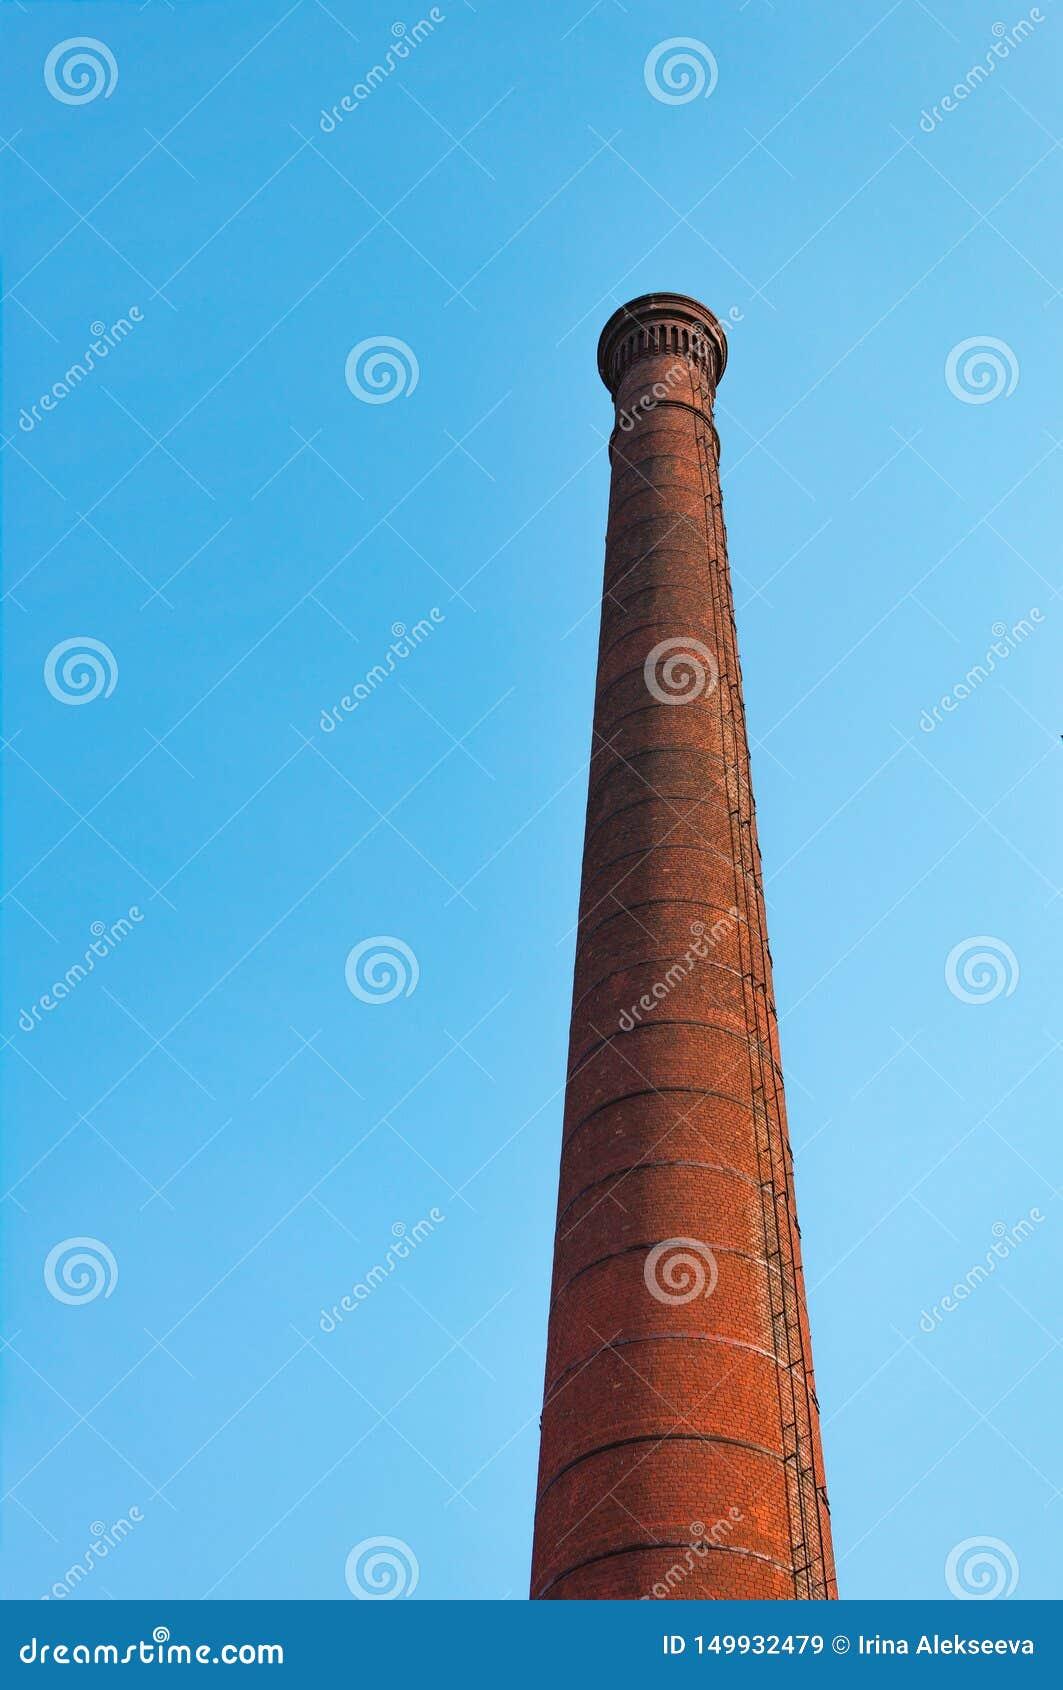 Fabrikrohr des roten Backsteins gegen blauen Himmel Das Konzept der Umweltverschmutzung durch schädliche Emissionen in die Atmosp